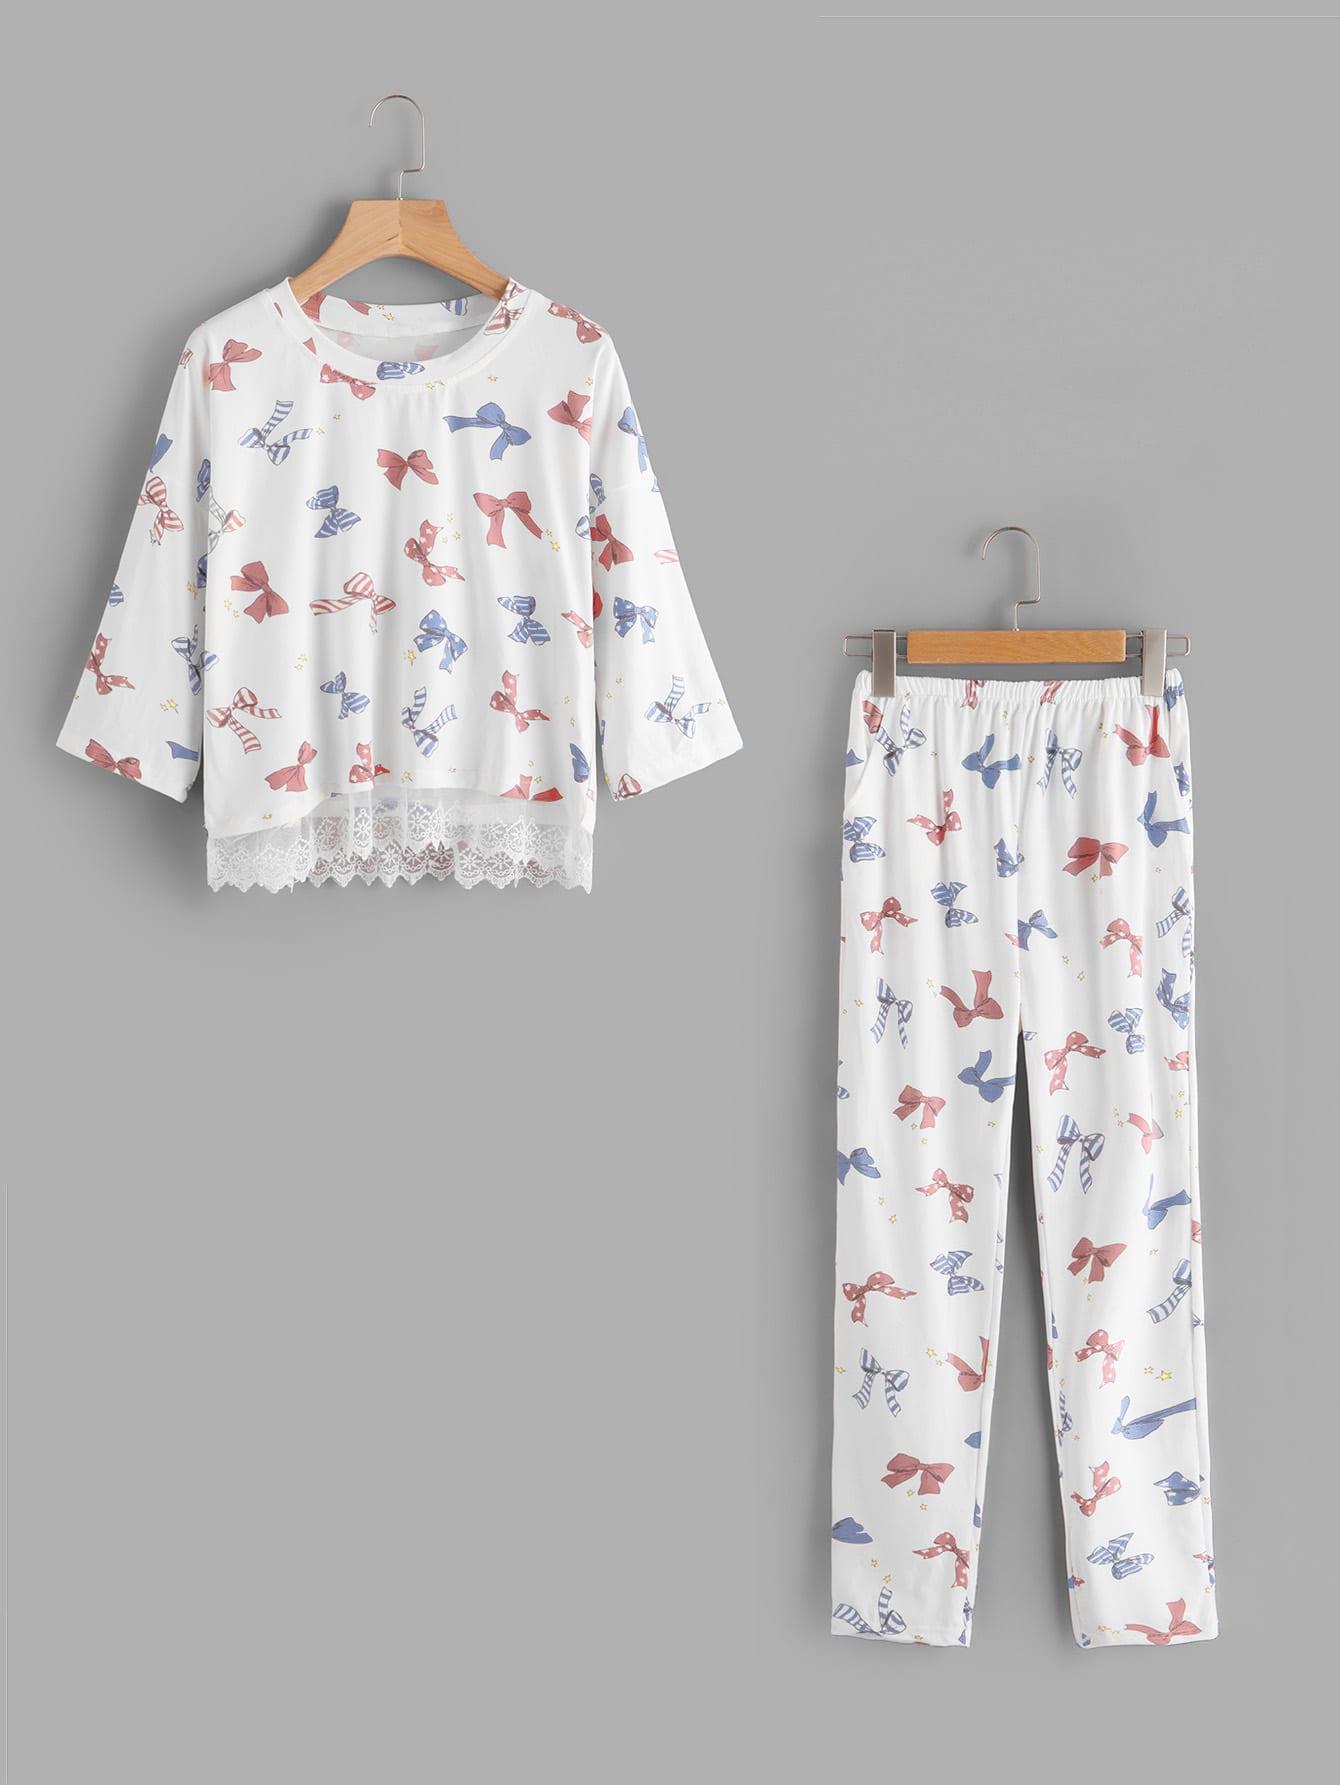 Купить Модная пижама с принтом и кружевной вставкой, null, SheIn